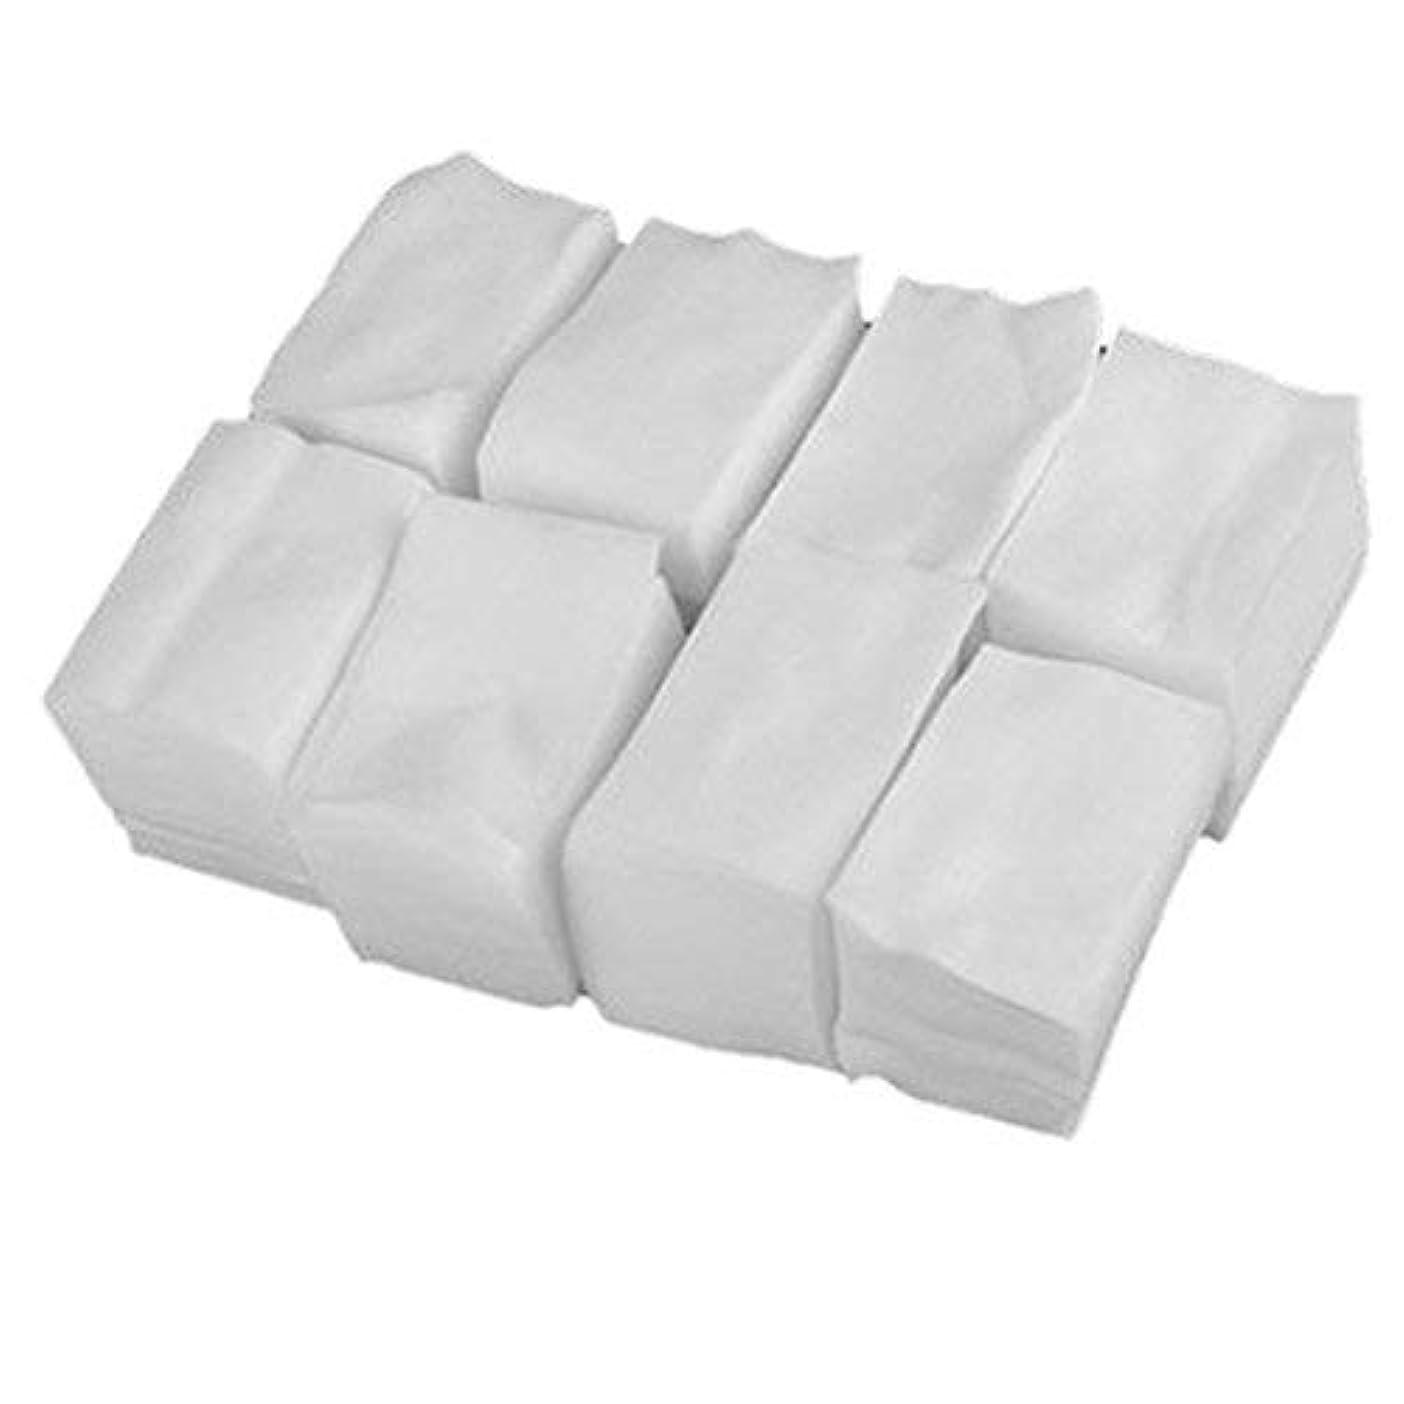 貪欲感性せせらぎ1st market プレミアム 人気 900x白いリントフリーネイルアート ワイプ紙パッド ゲルアクリルのヒント ポリッシュリムーバークリーナー(6cm x 5cm) 便利